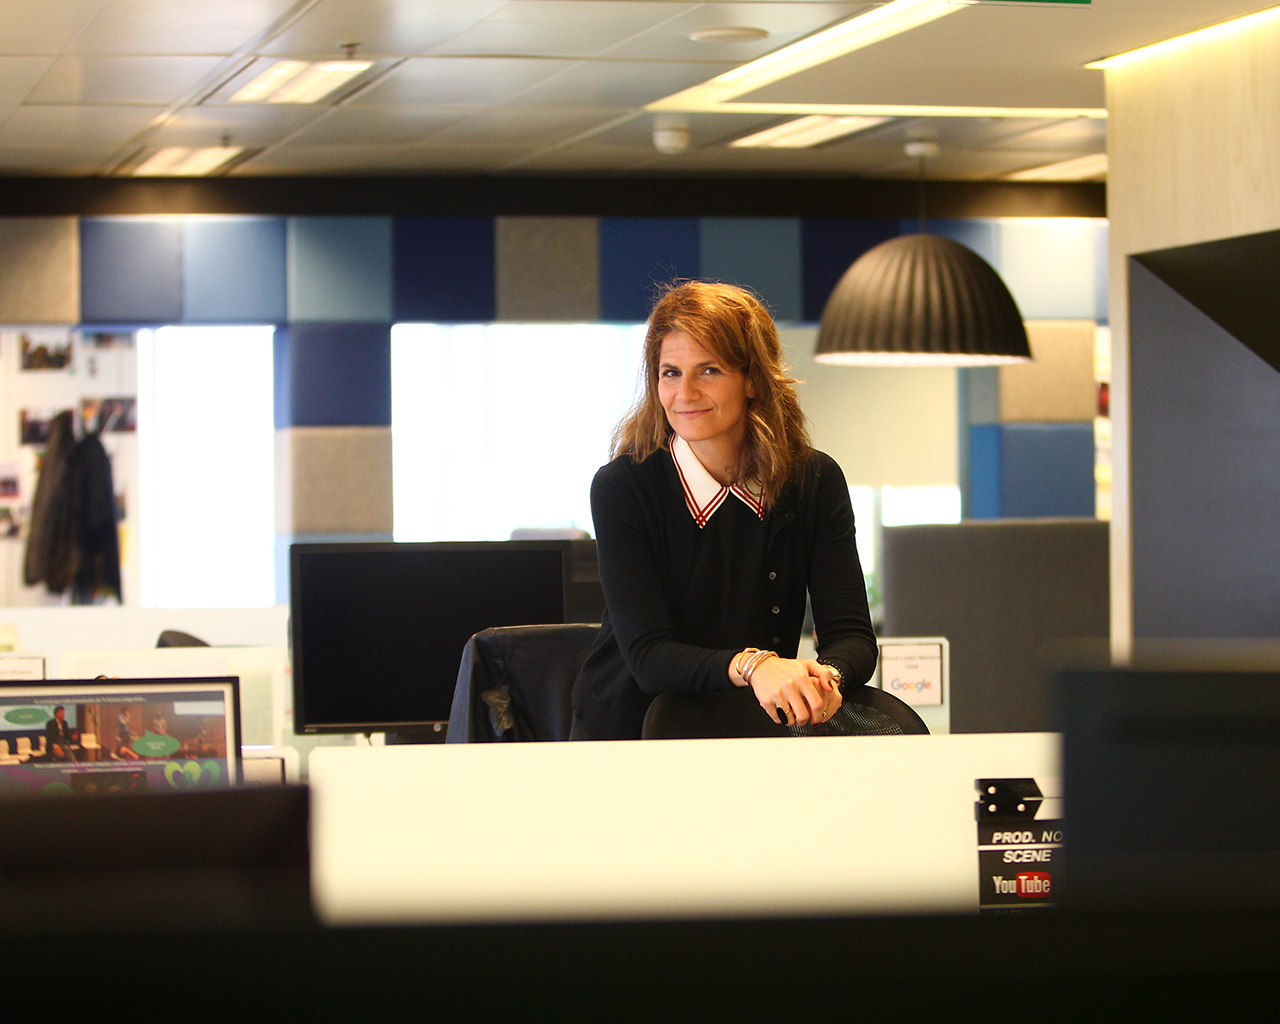 Fuencisla Clemares - Directora general de Google España